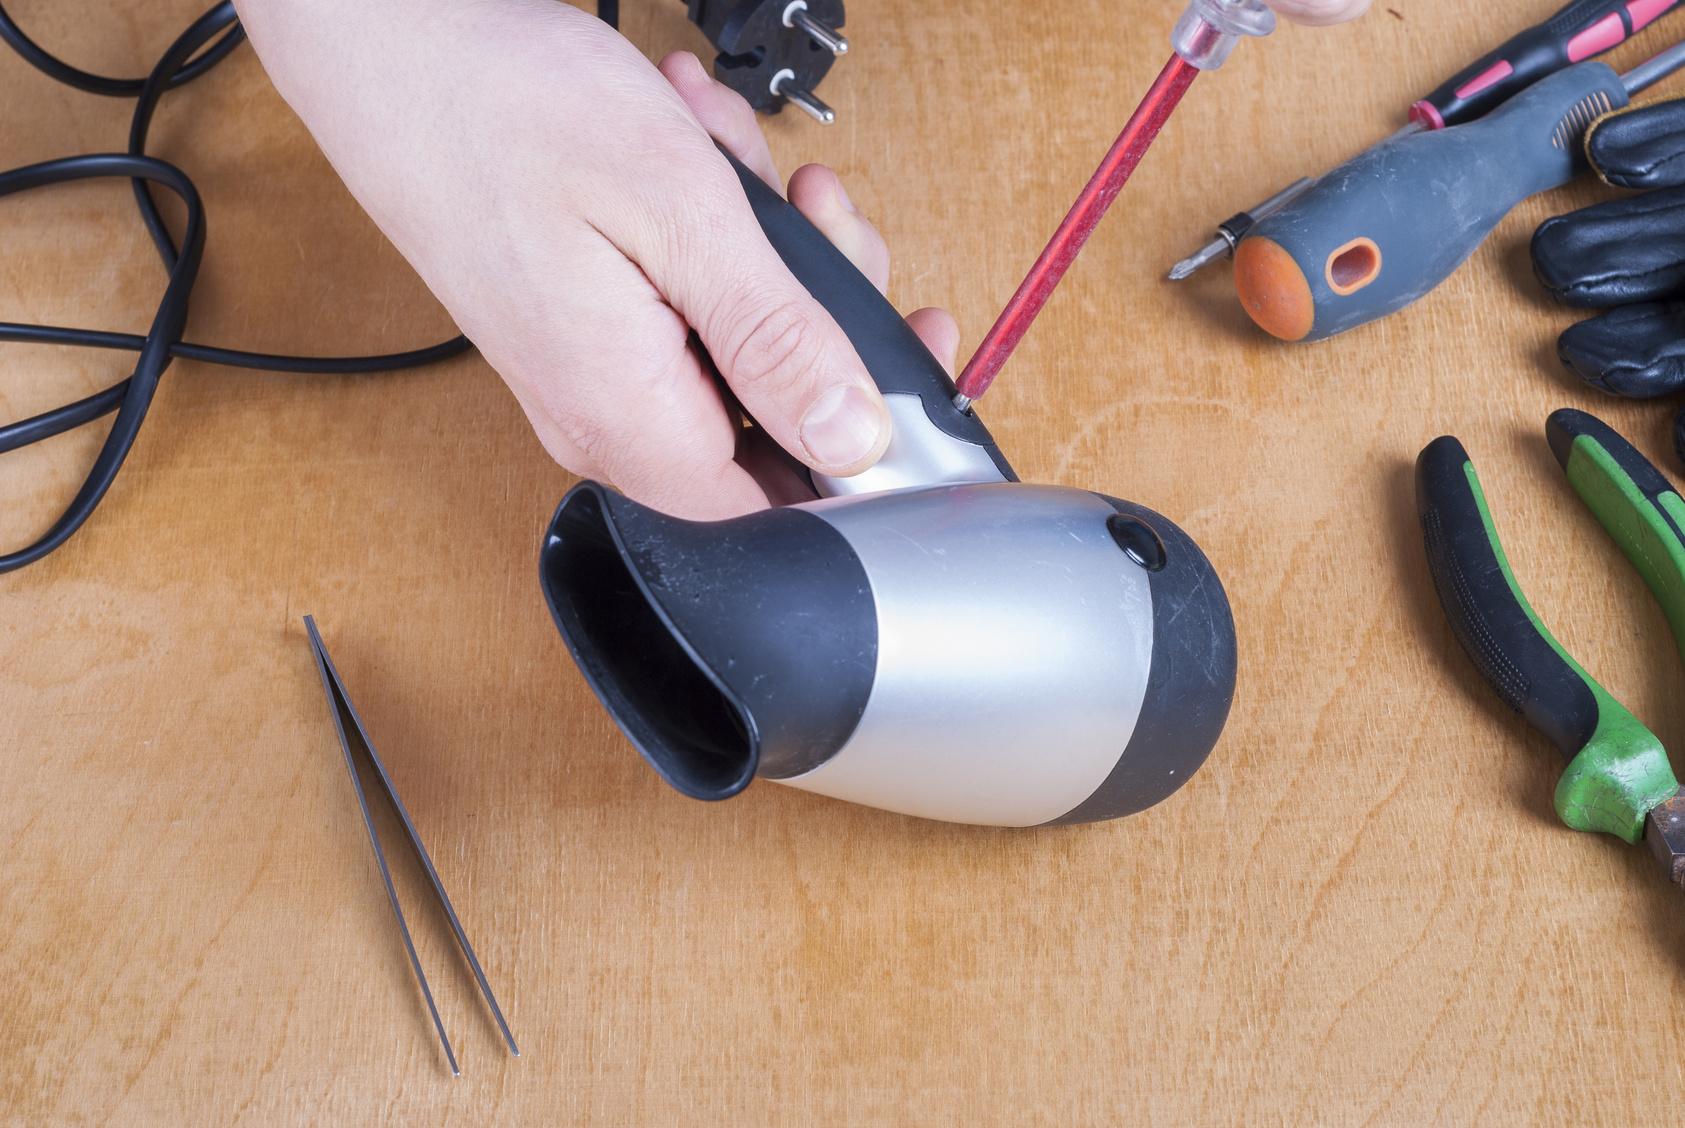 reparieren statt wegwerfen mehrwert nrw. Black Bedroom Furniture Sets. Home Design Ideas